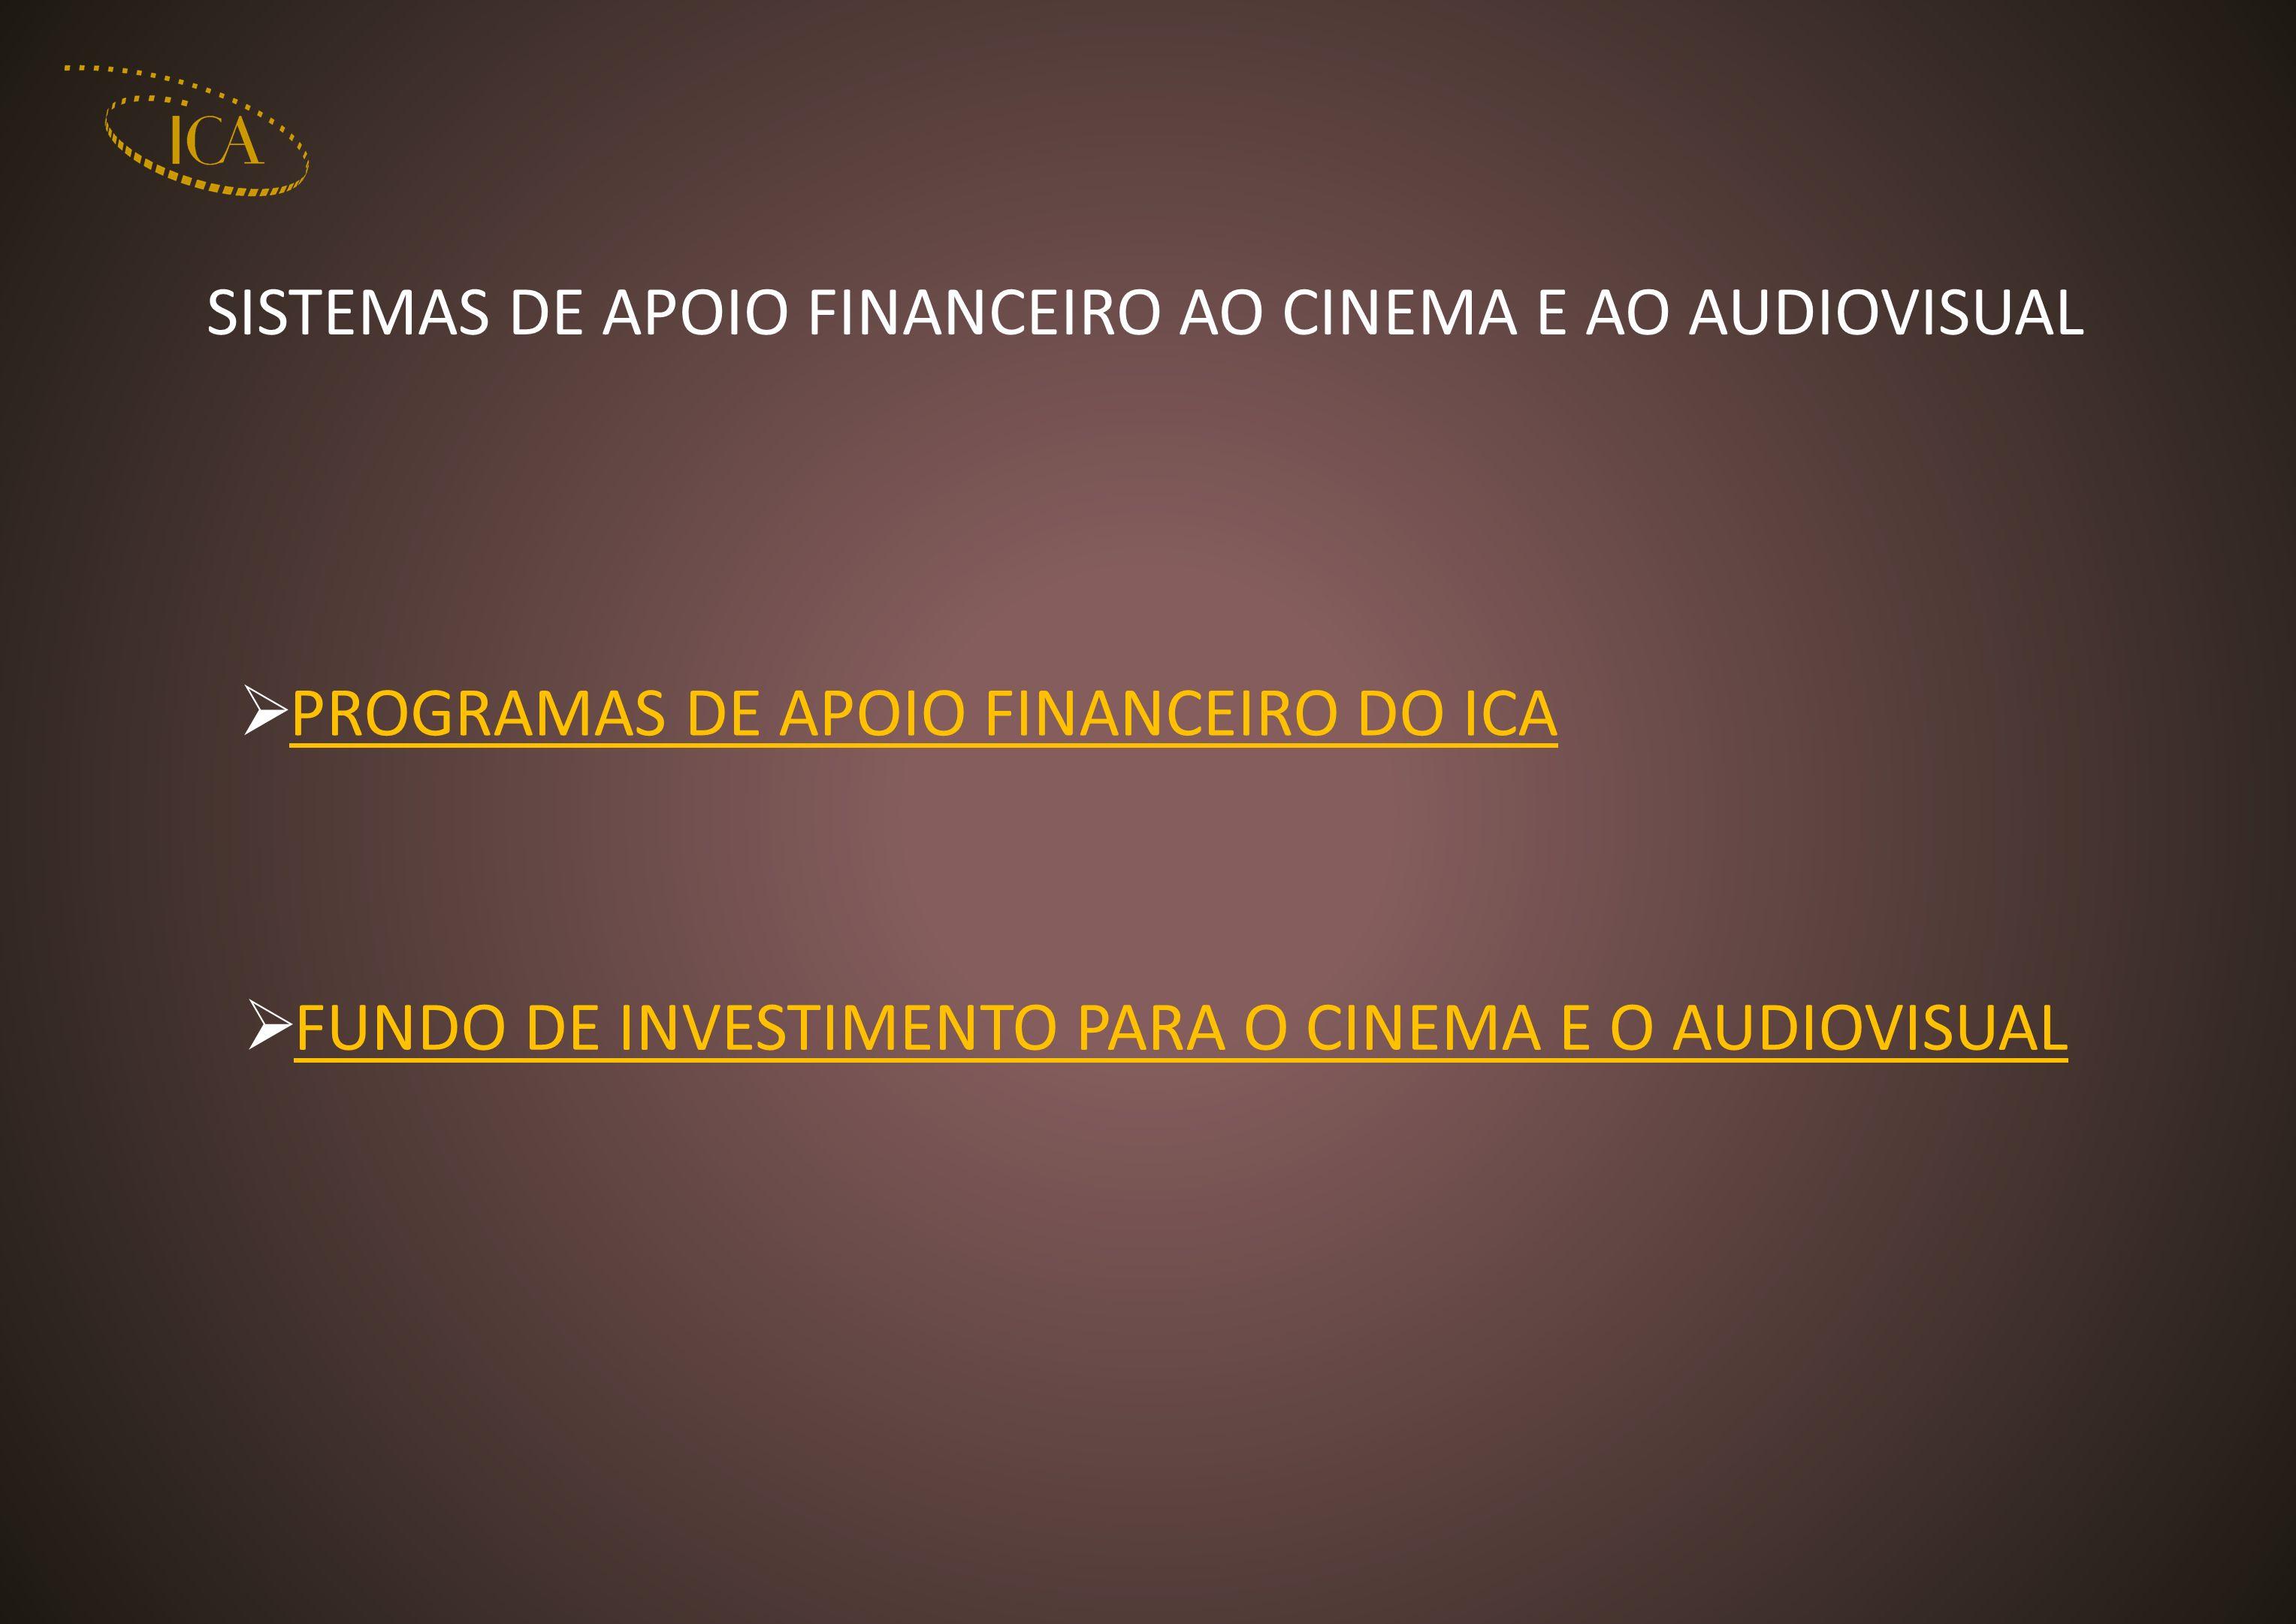 SISTEMAS DE APOIO FINANCEIRO AO CINEMA E AO AUDIOVISUAL